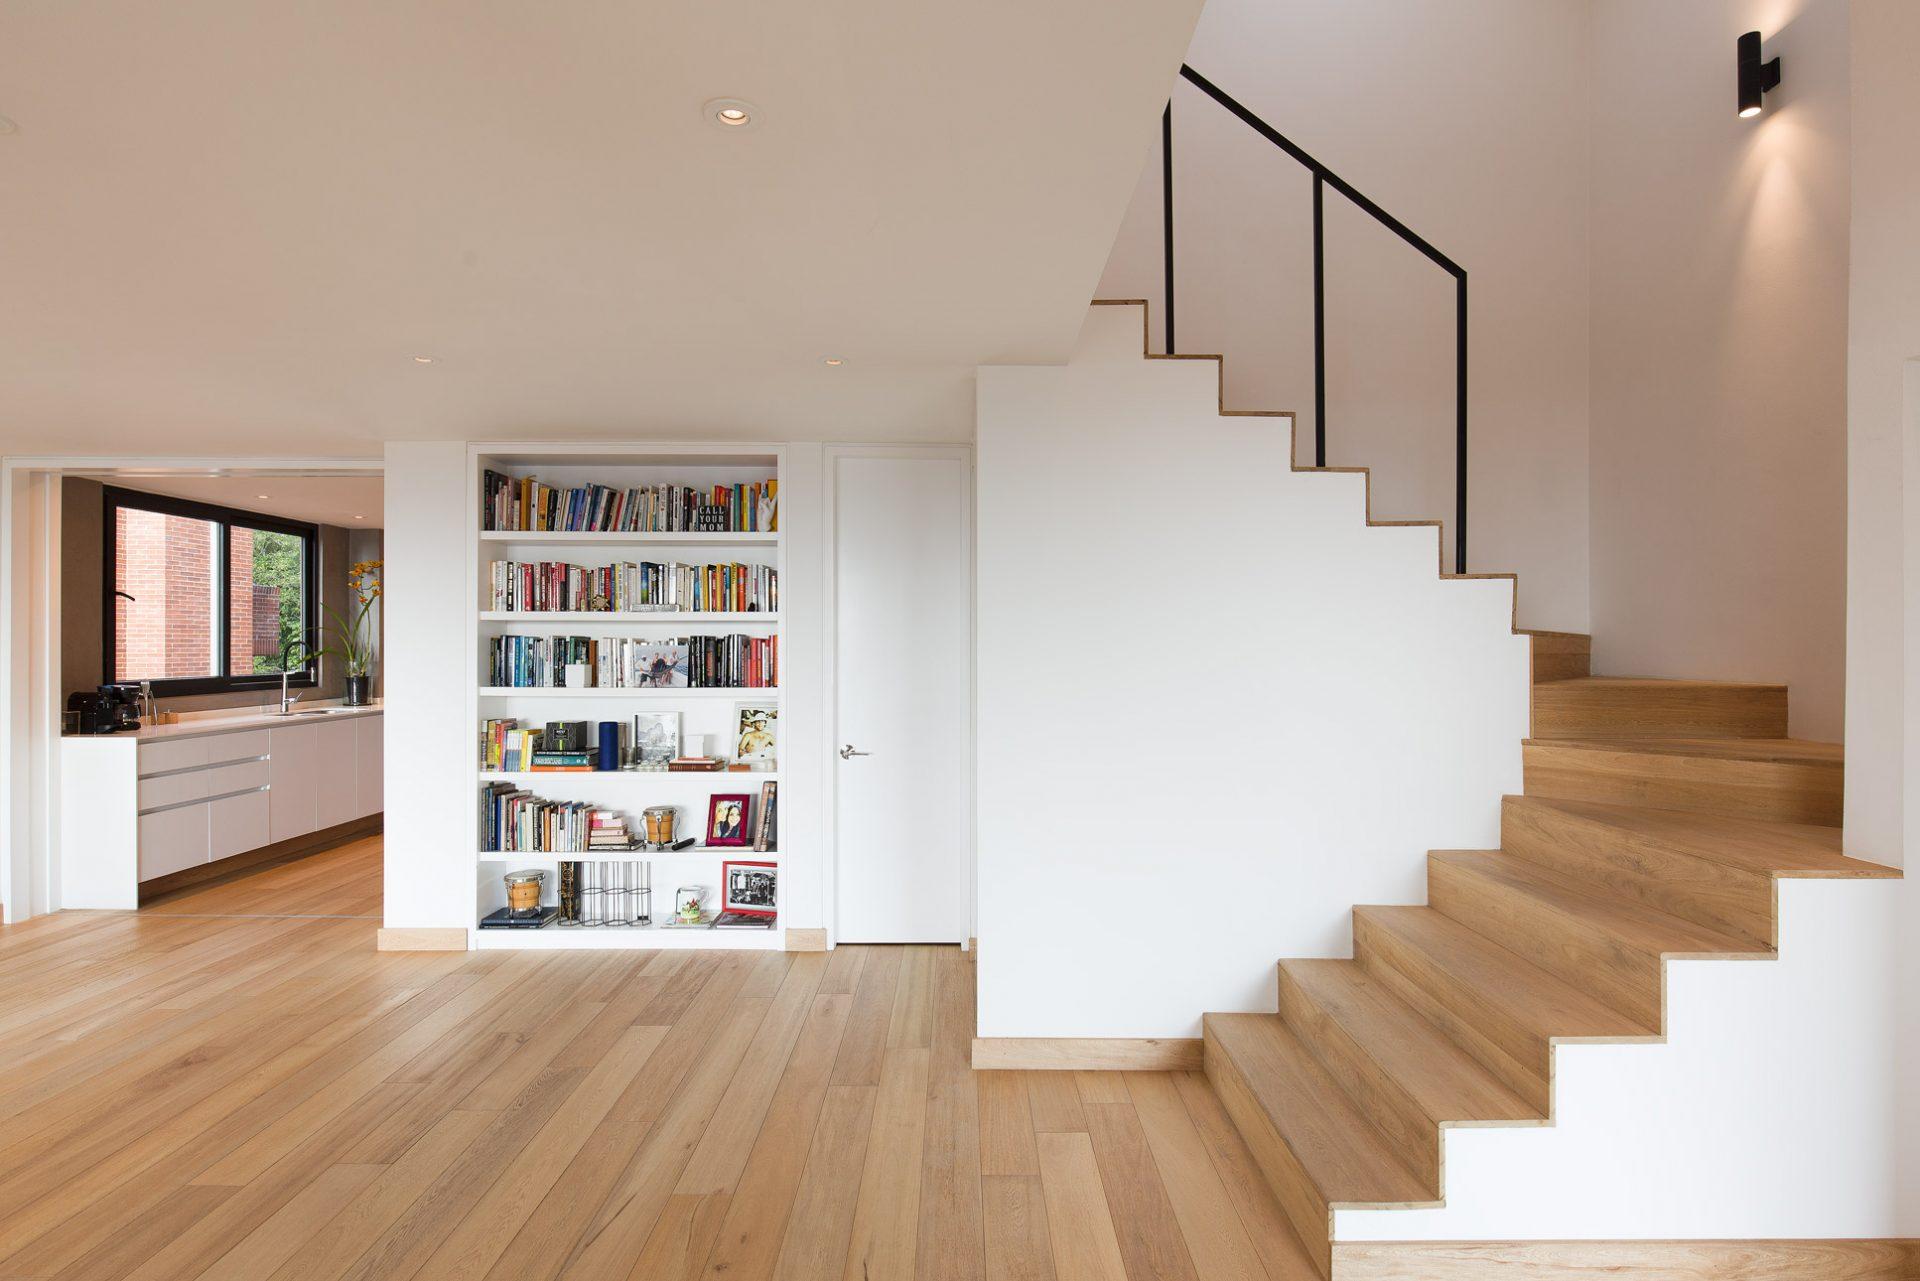 09.studiomanrique.simonbosch.photography.bogota.interior.duquearquitectura